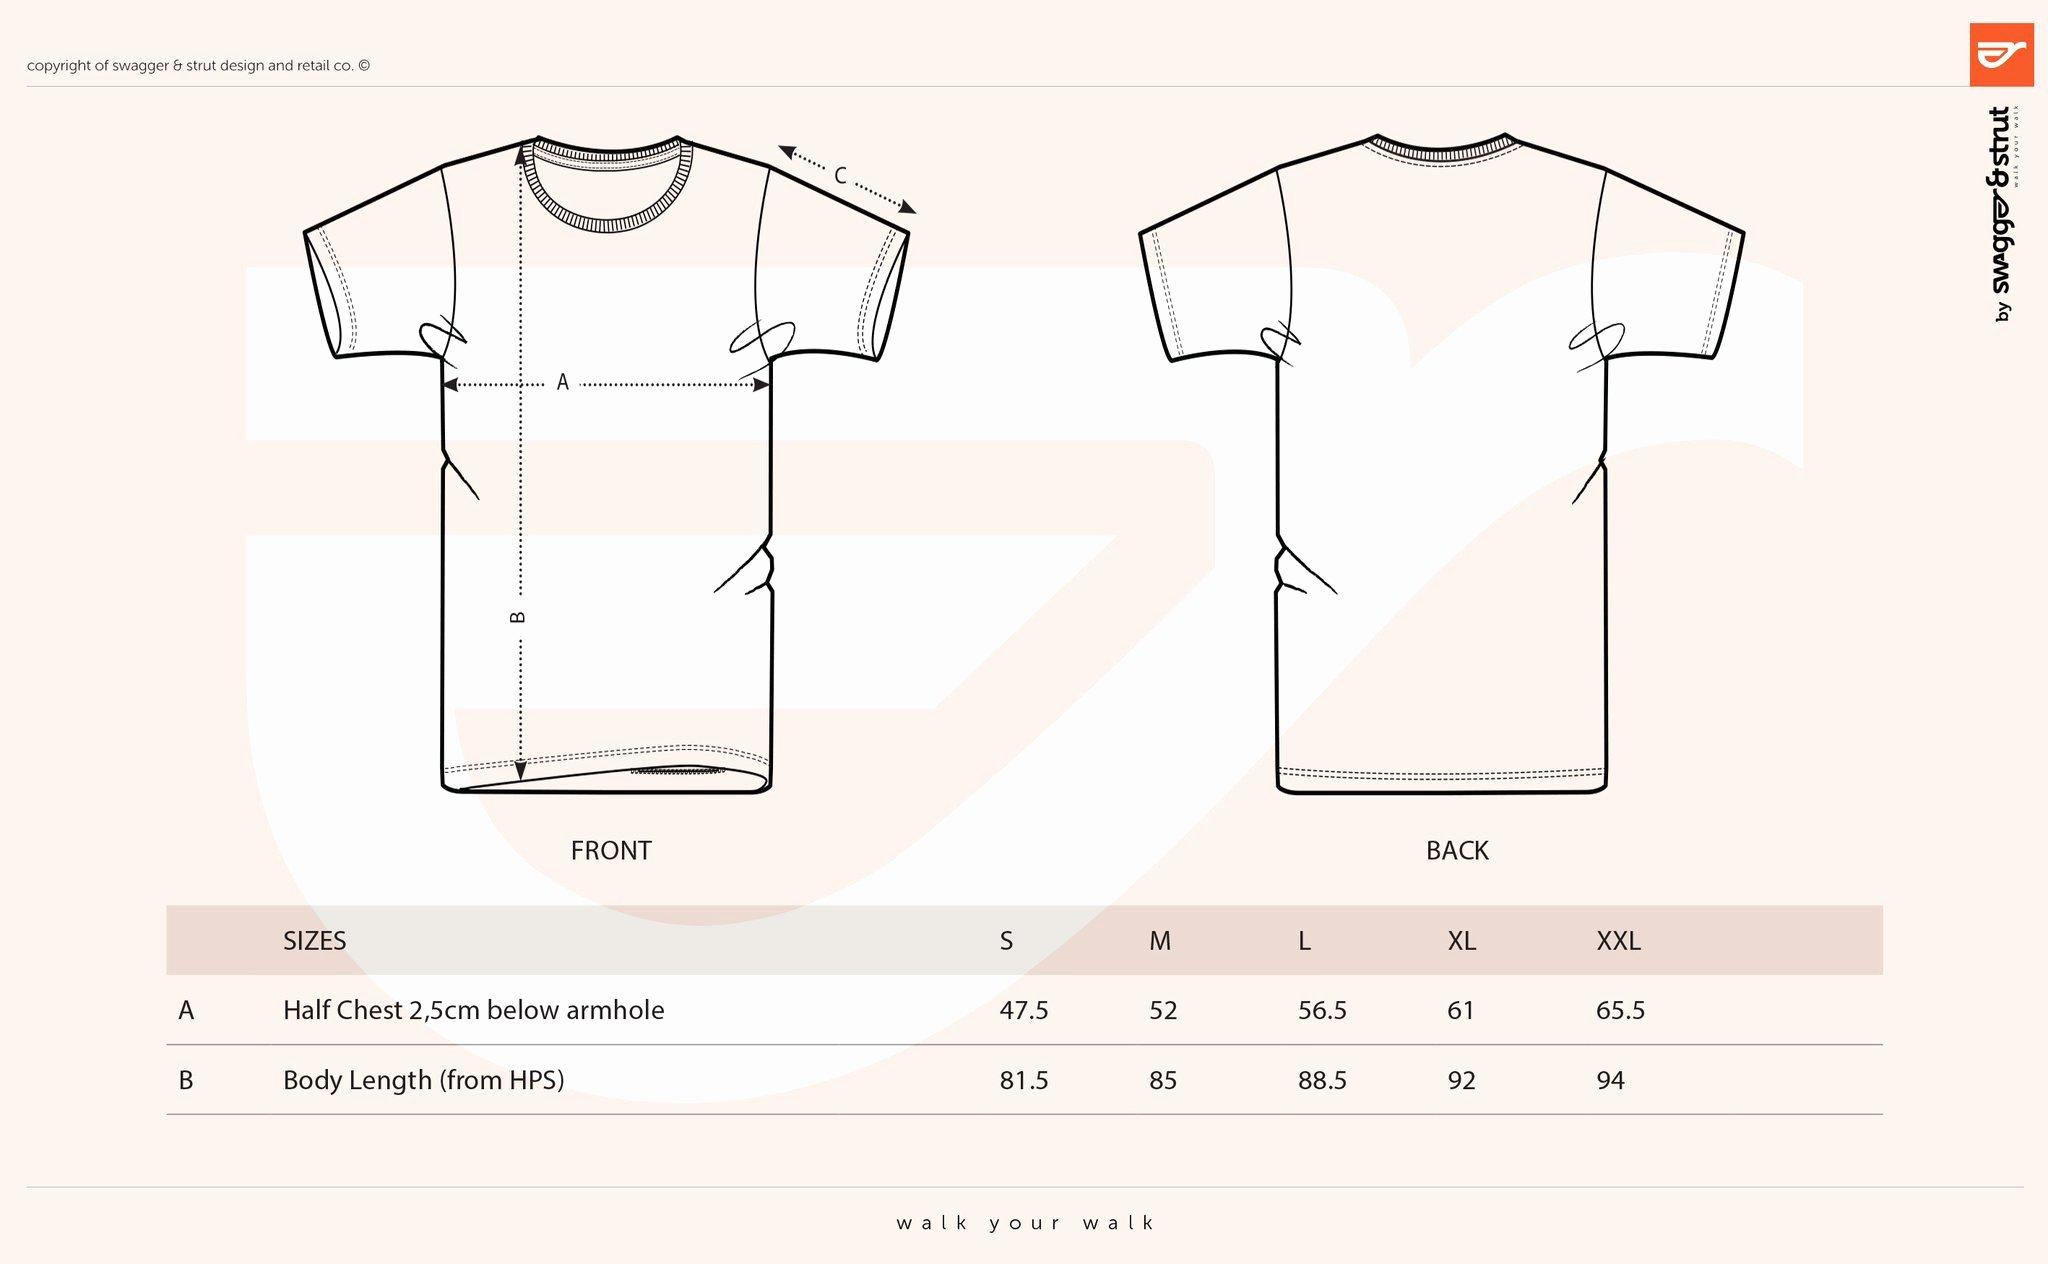 T Shirt Design Size Template Networkuk